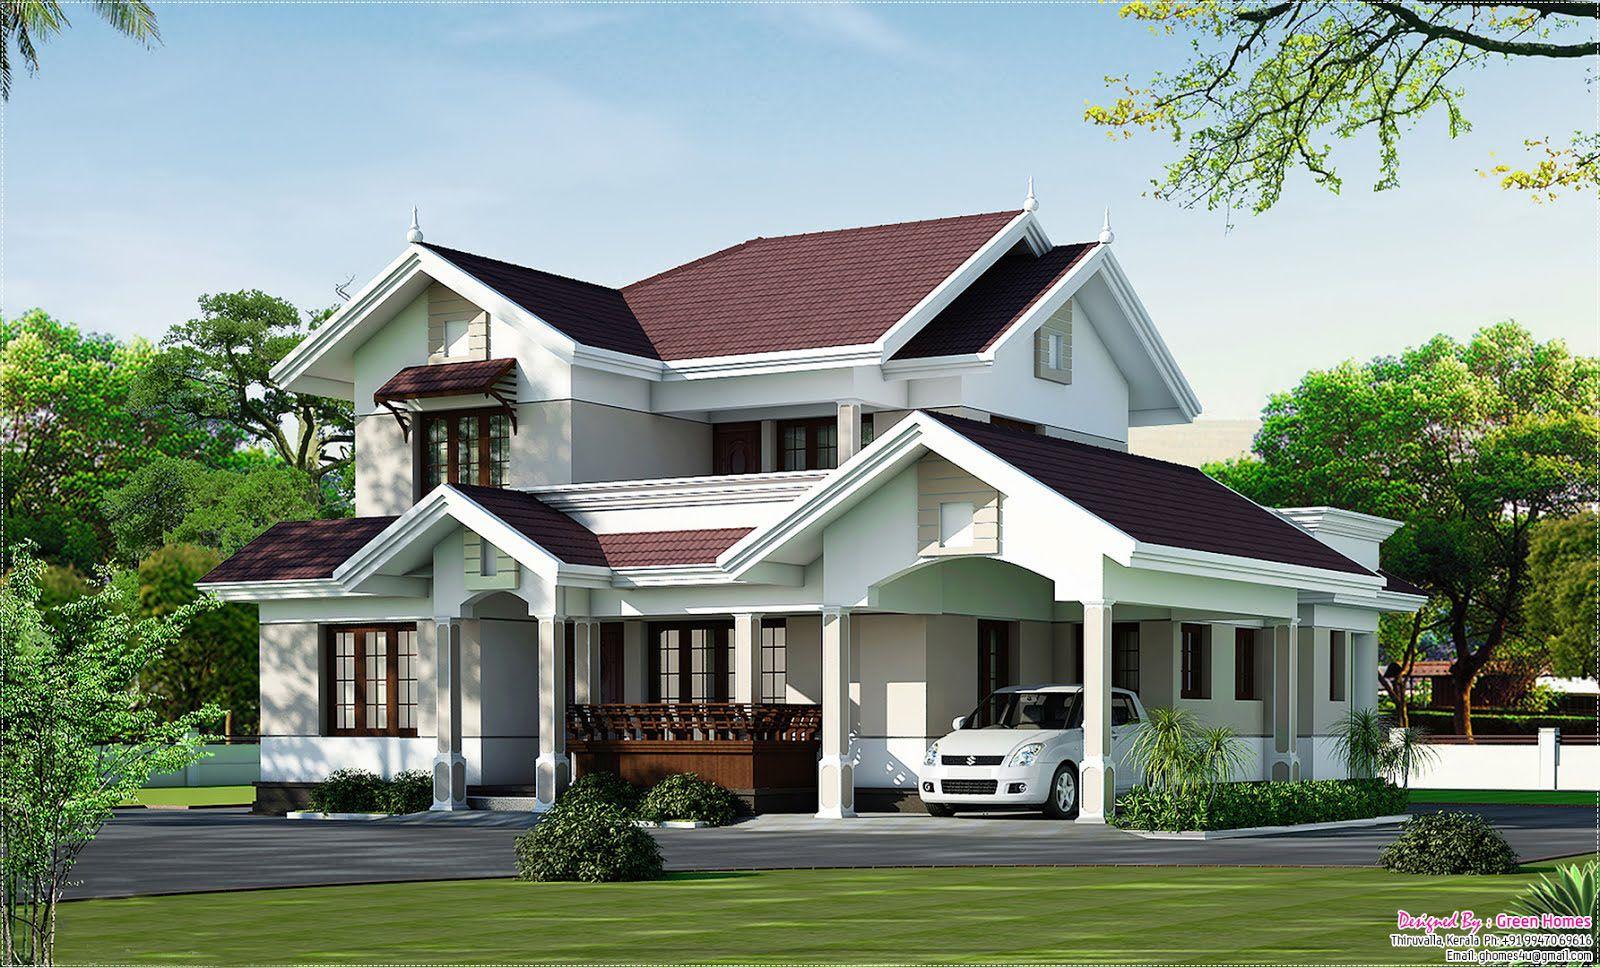 72 Best Home Design Images On Pinterest 3d Home Design Homes